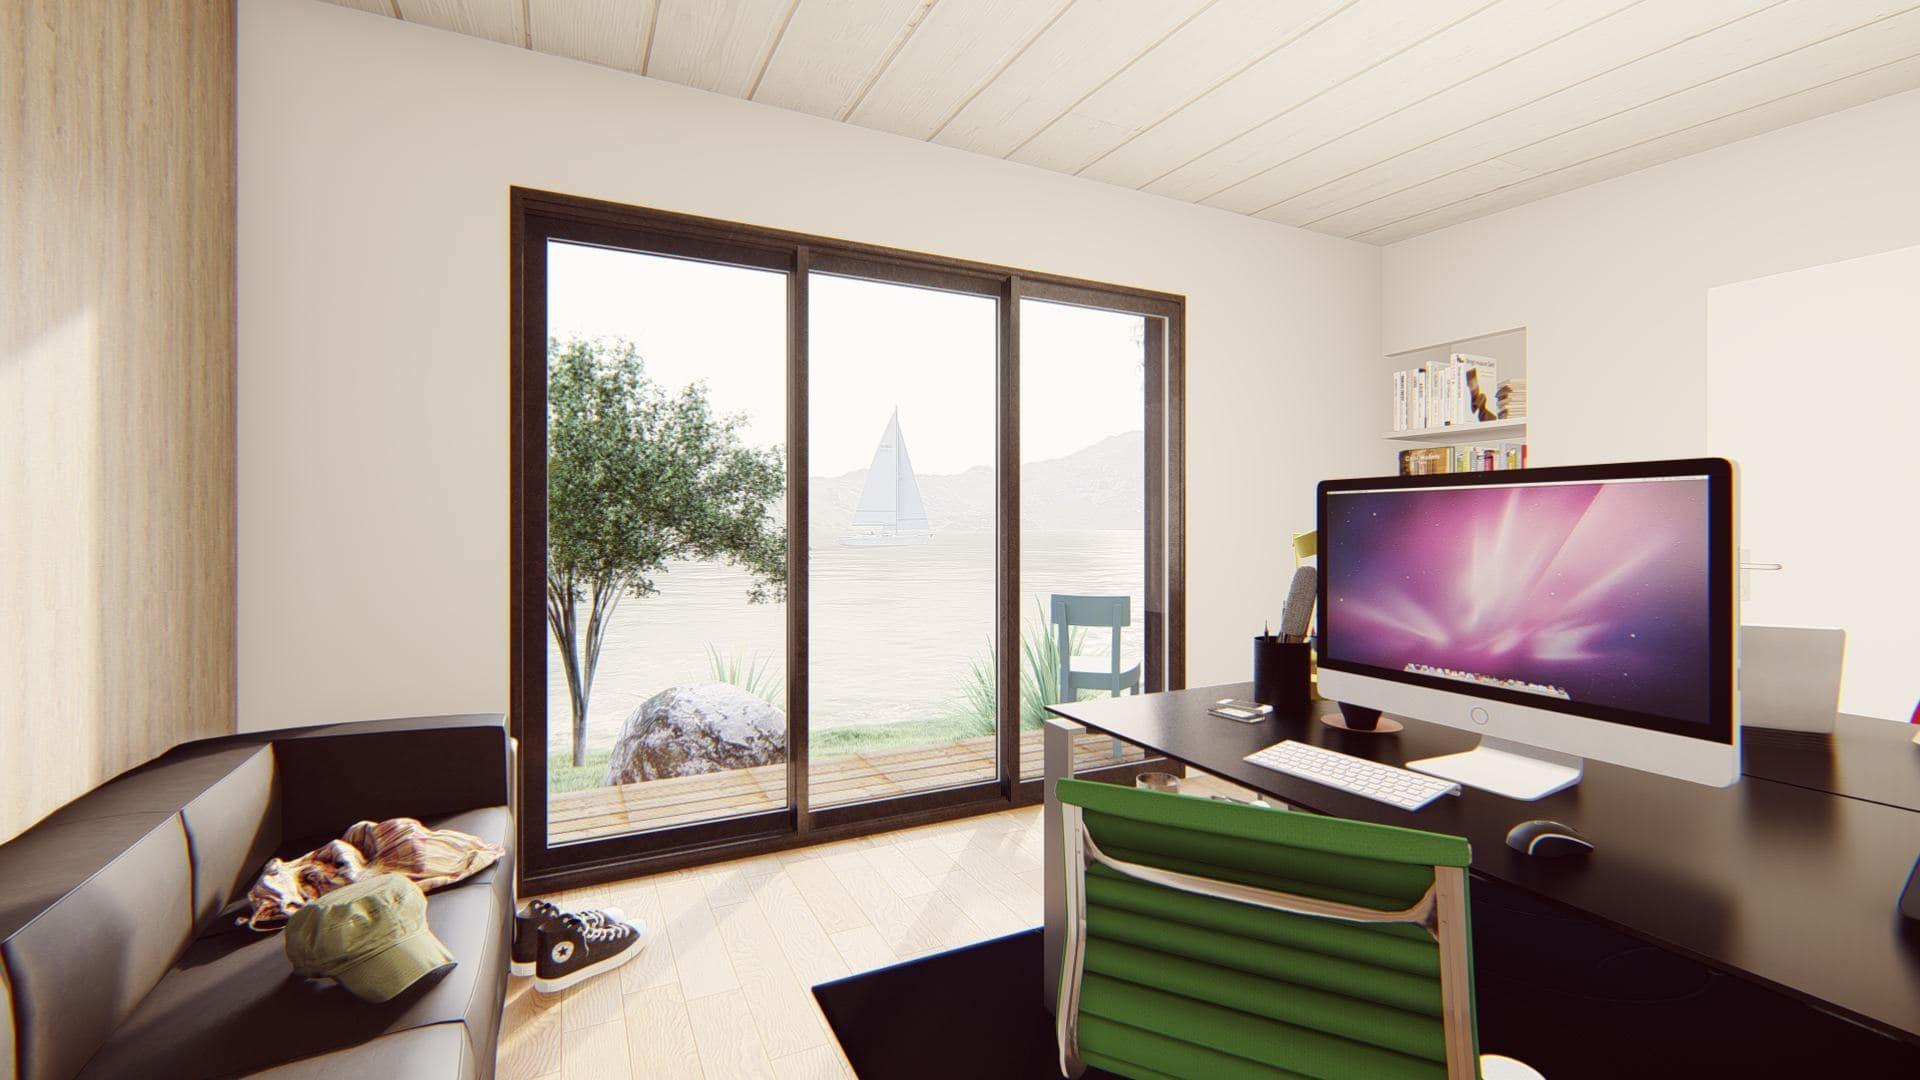 bureau de jardin 20 m2 vue interieure 1